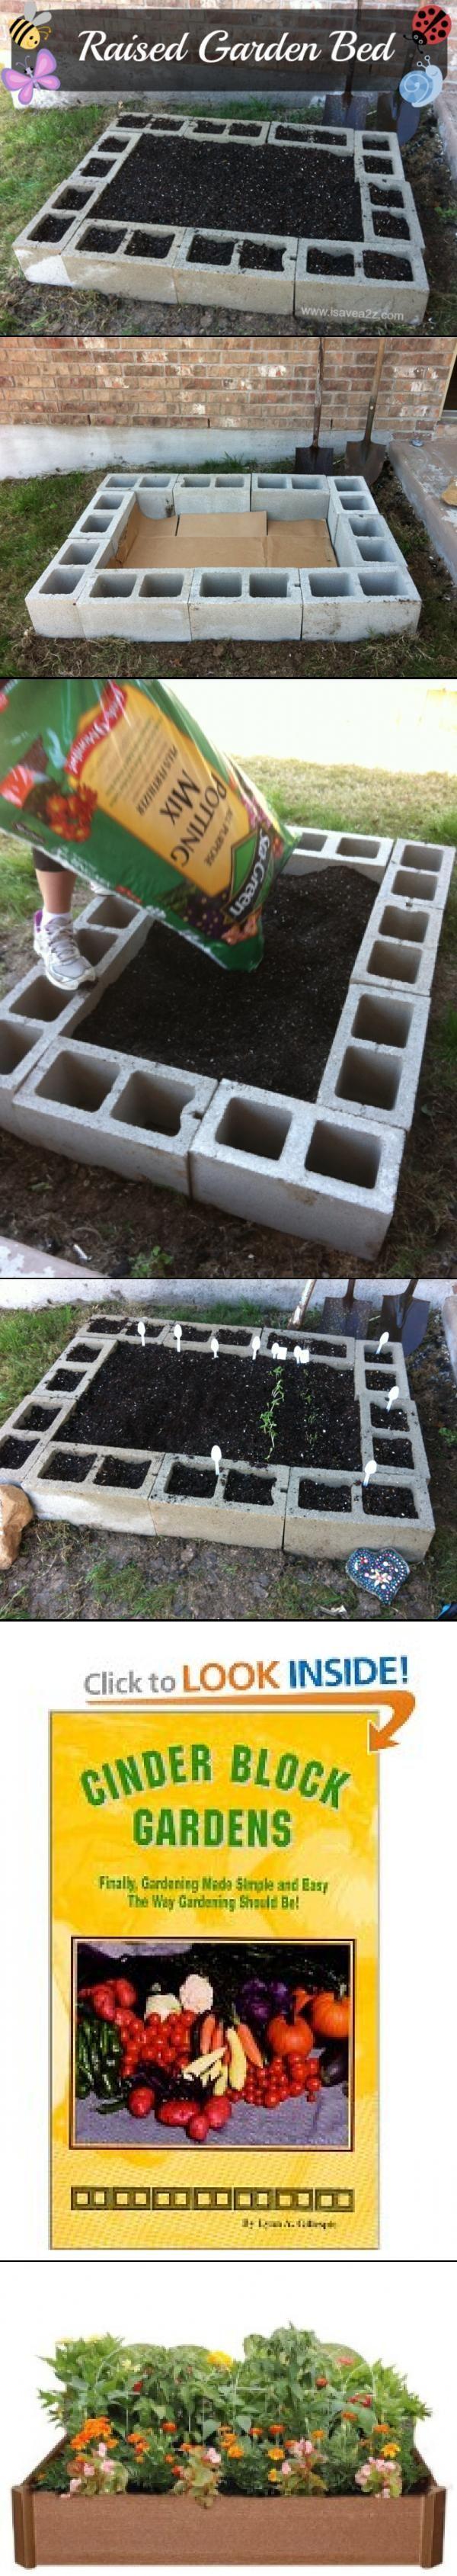 Des idées pour jardiner un peu...